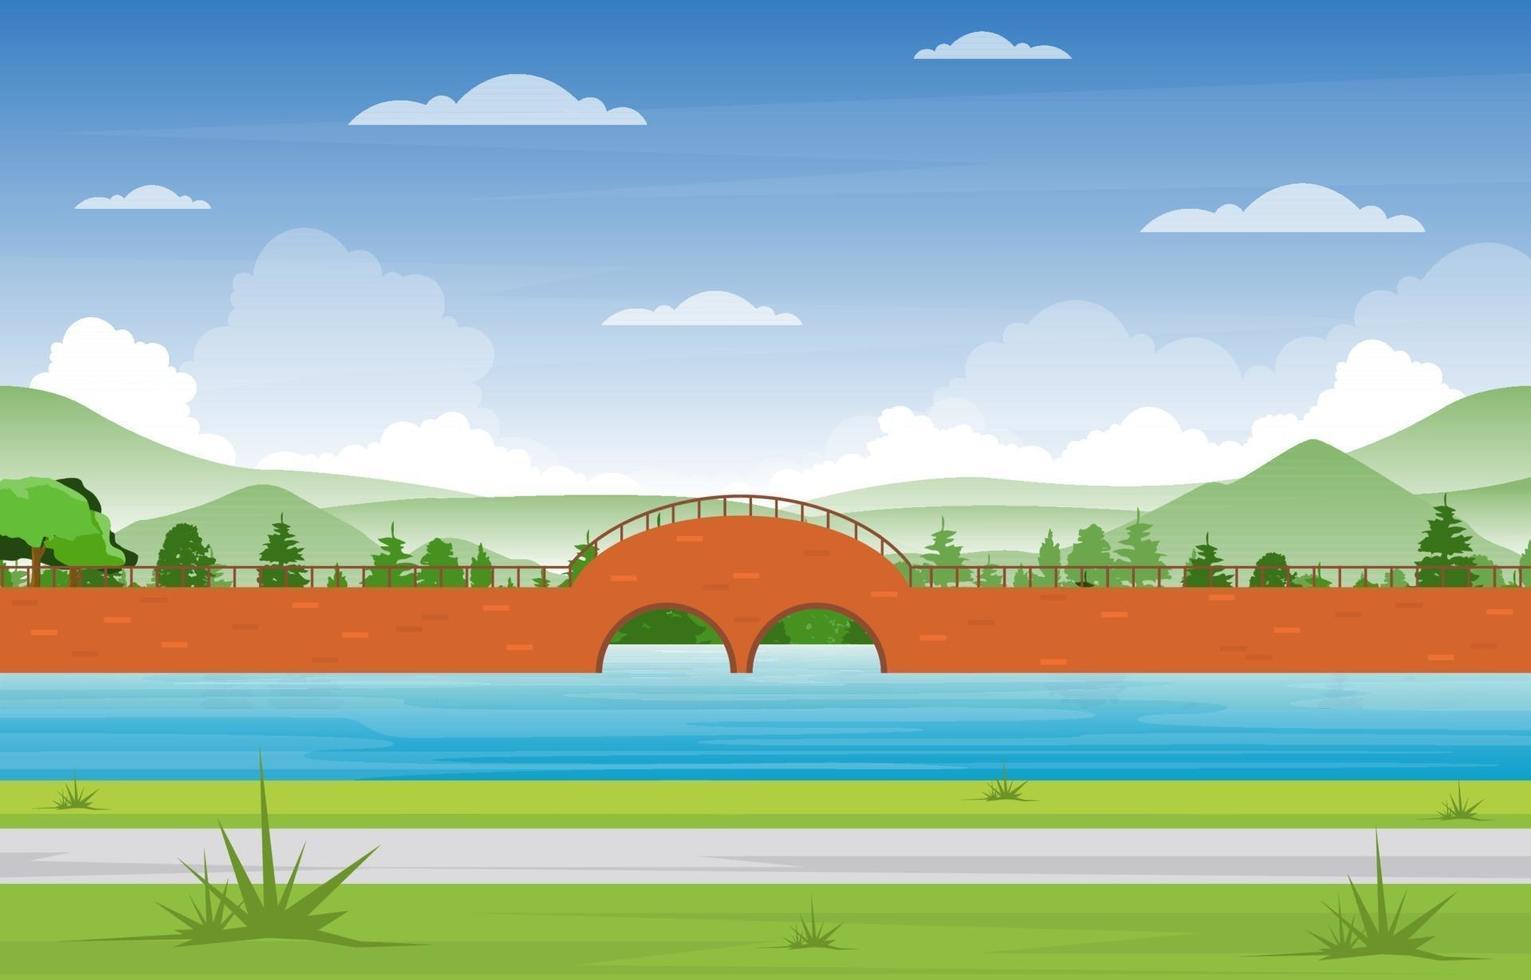 bro med park, träd och flodillustration vektor